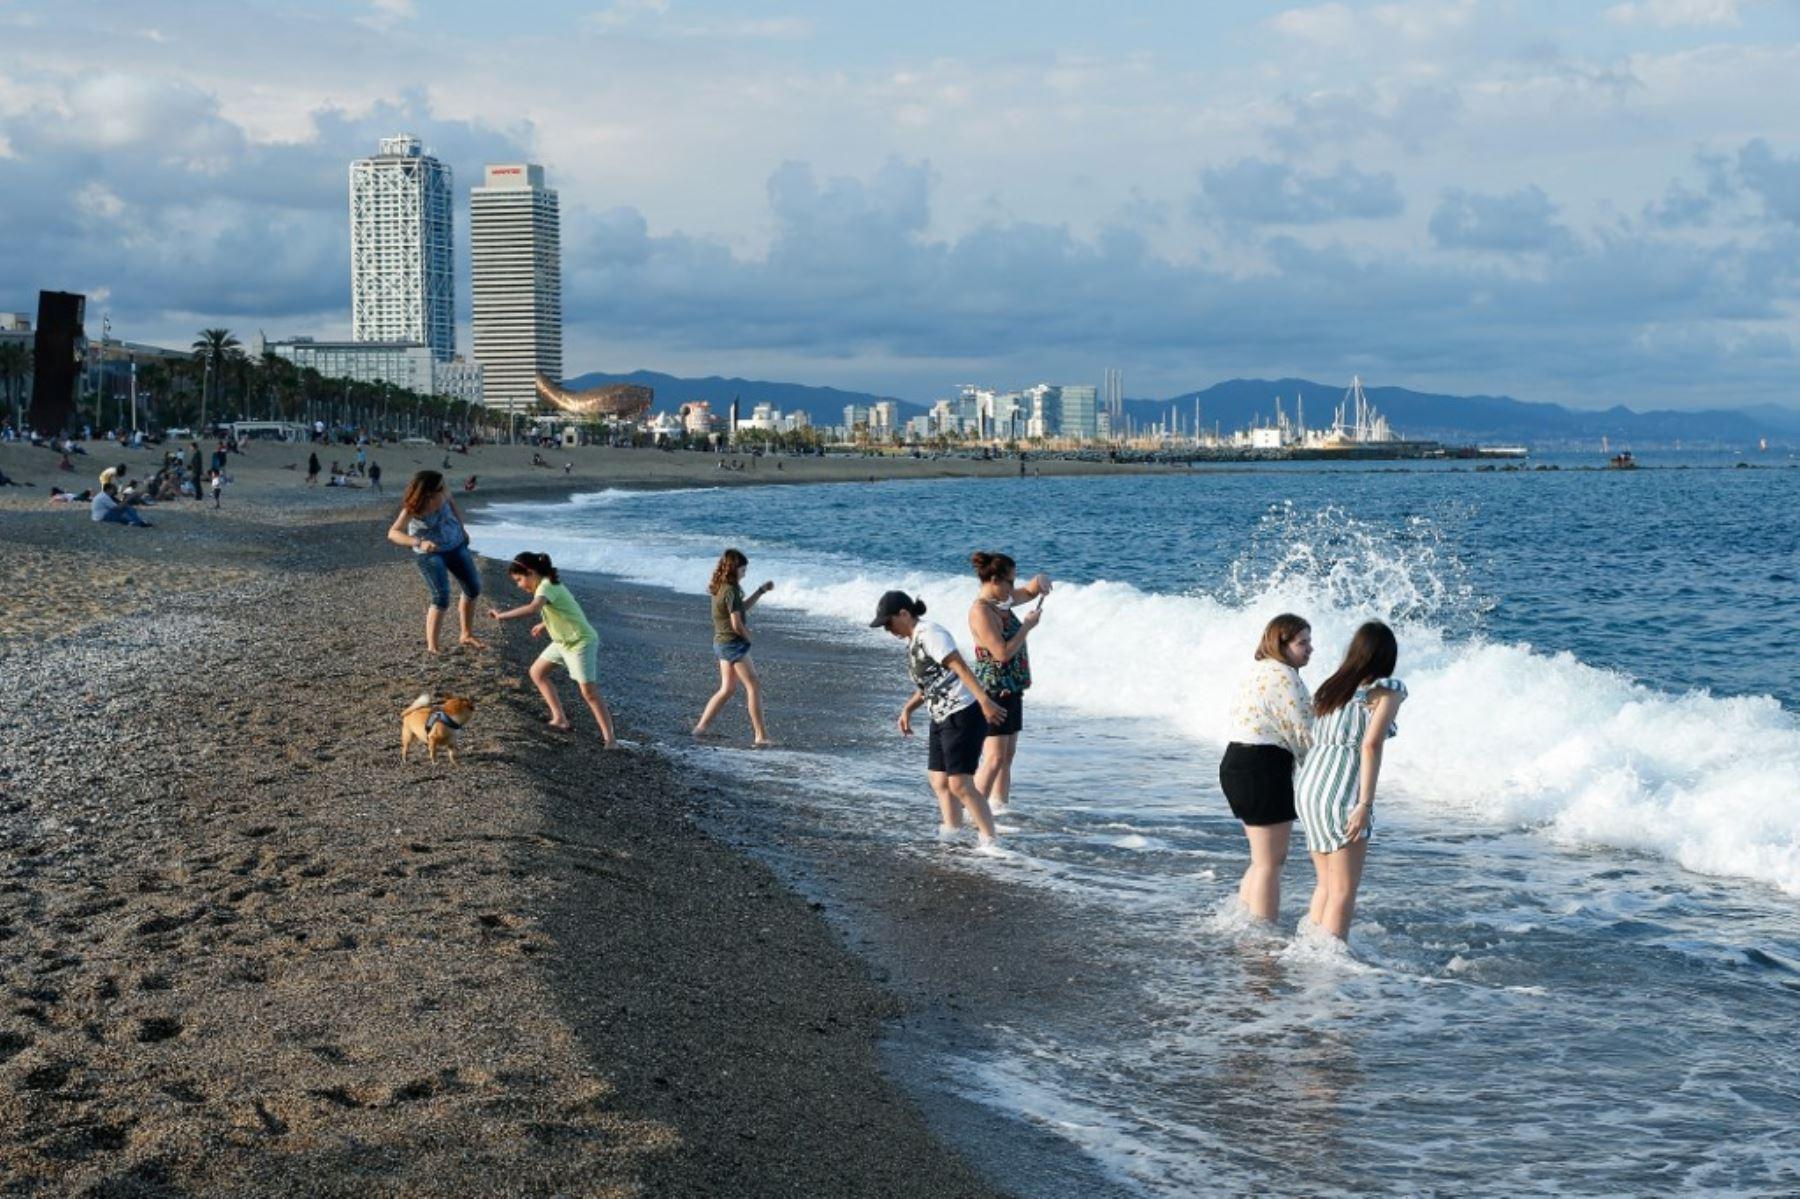 La gente disfruta de un día en la playa de la Barceloneta en Barcelona. Foto: AFP